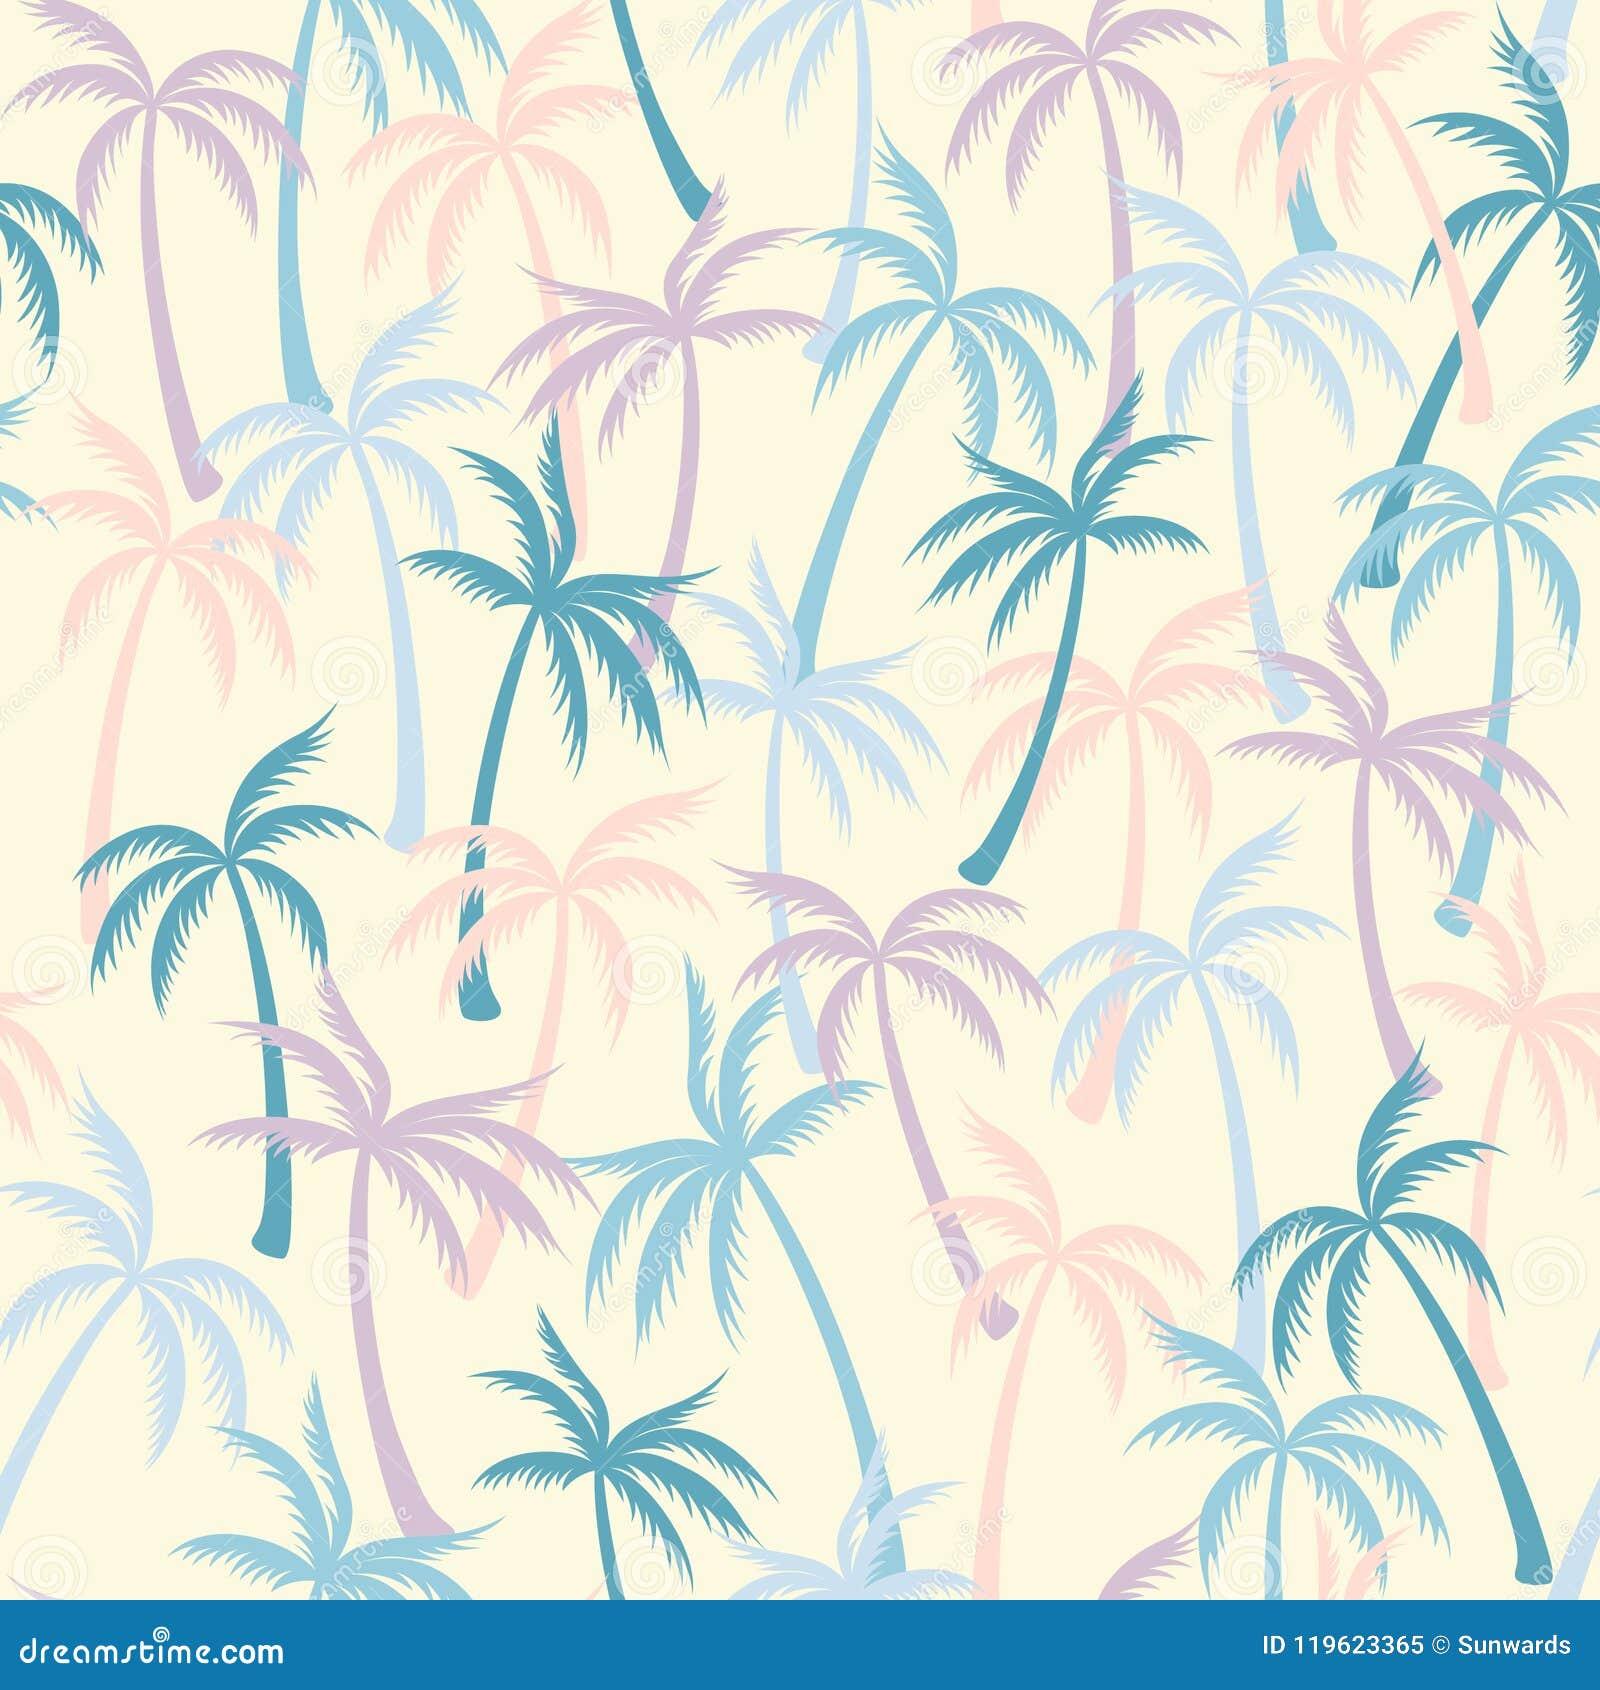 Bakgrund för skog för textil för kokosnötpalmträdmodell sömlös tropisk Sommarvektortapet som upprepar modellen